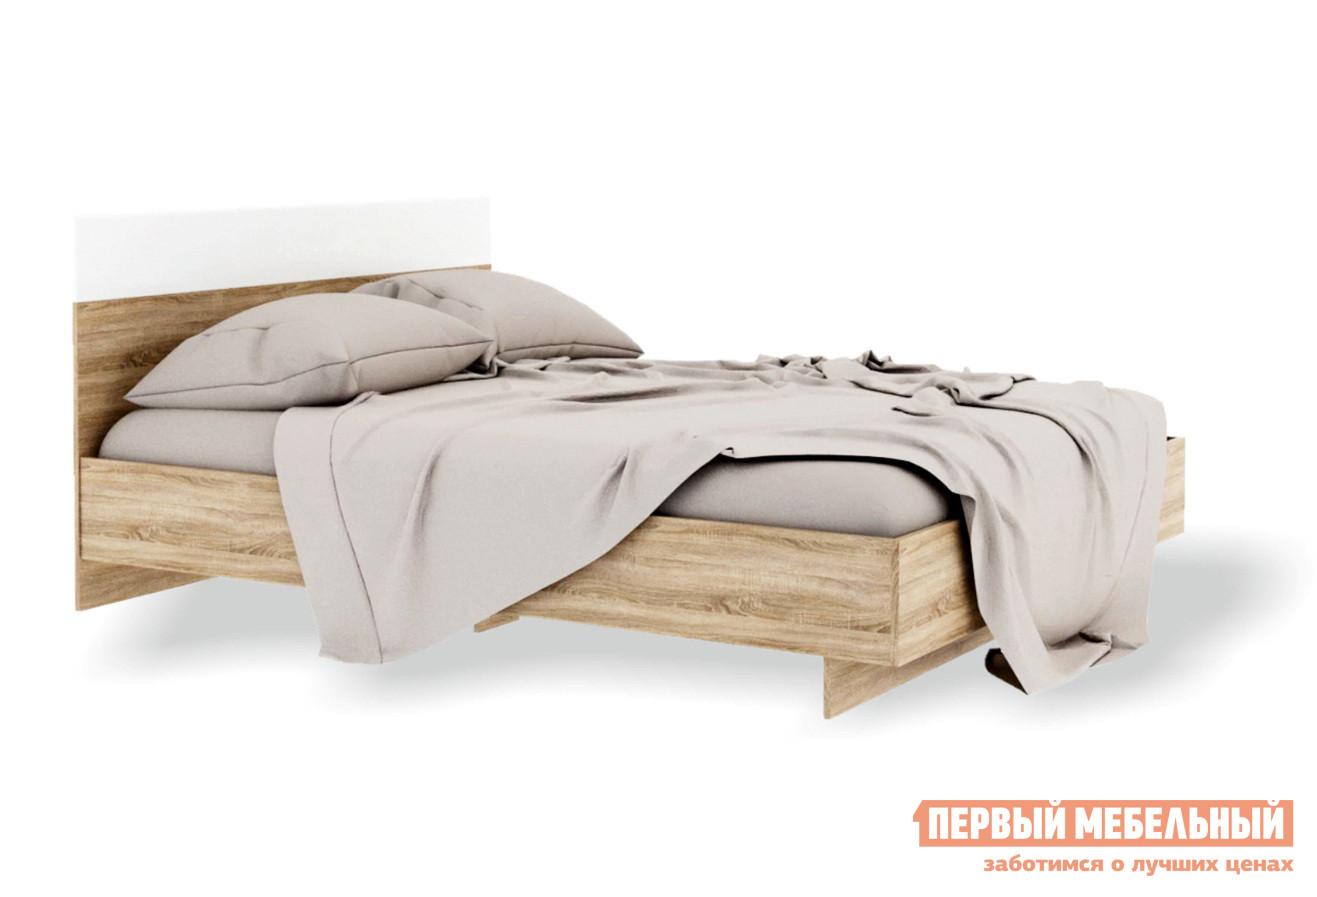 Двуспальная кровать МО РОСТ Кровать 1400/1600 ВЕРСАЛЬ